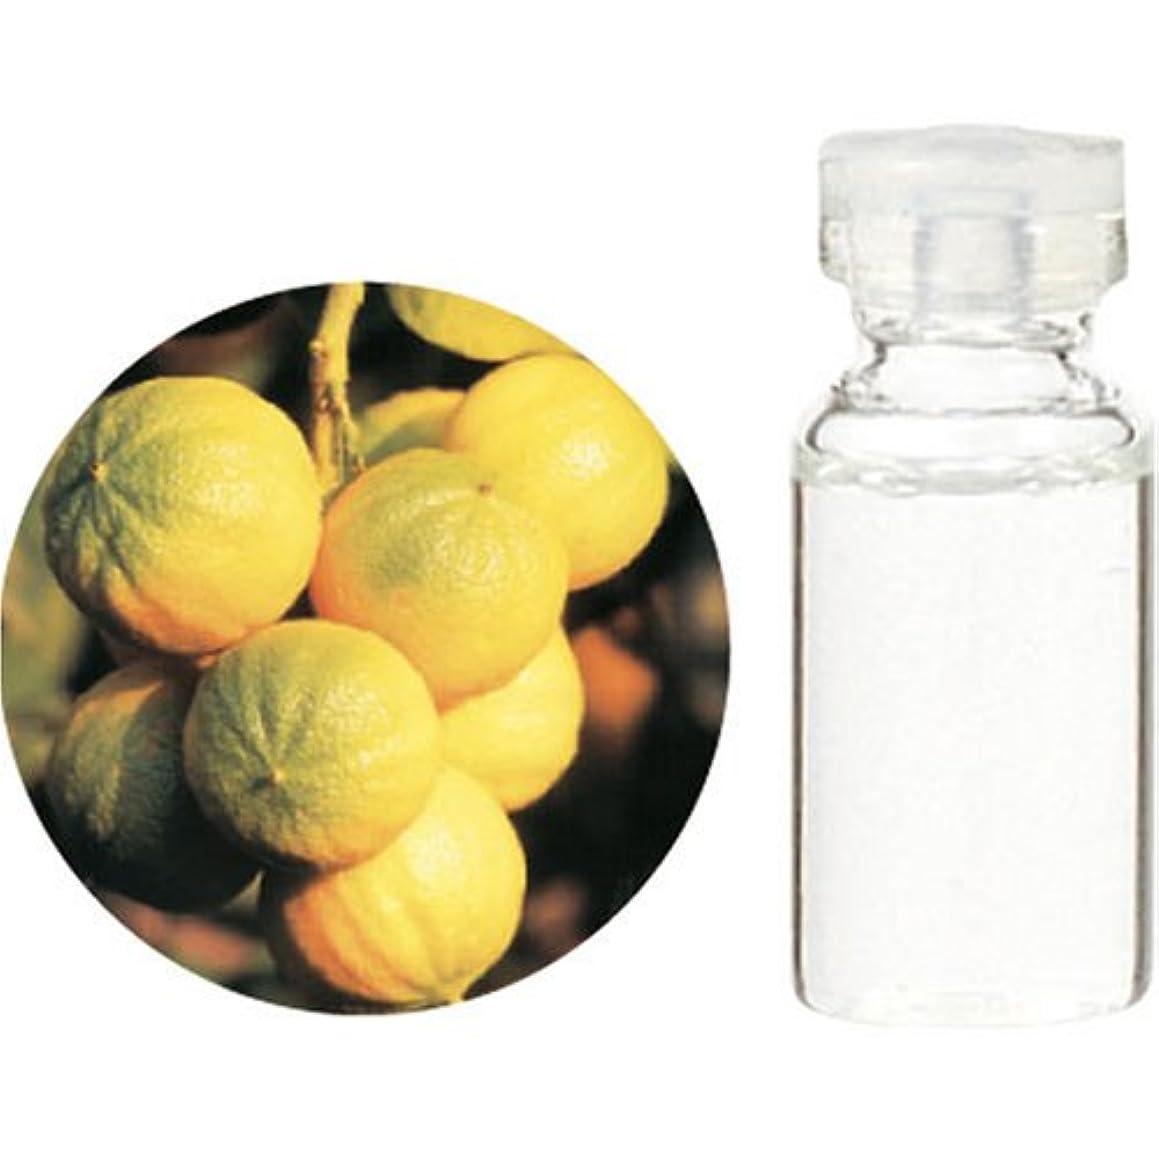 厄介な記憶適切なエッセンシャルオイル(精油) ベルガモット(ベルガプテンフリー) 10ml 【生活の木】